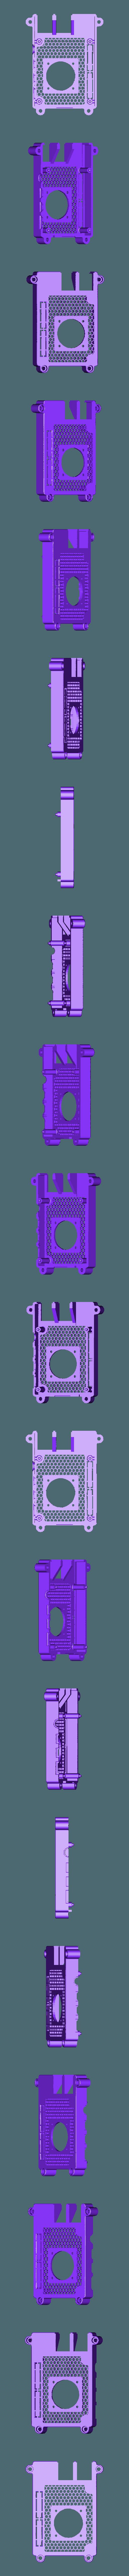 STANDARD_30MM.STL Télécharger fichier STL gratuit Étui Pi 4B Framboise Framboise • Objet pour imprimante 3D, mkellsy